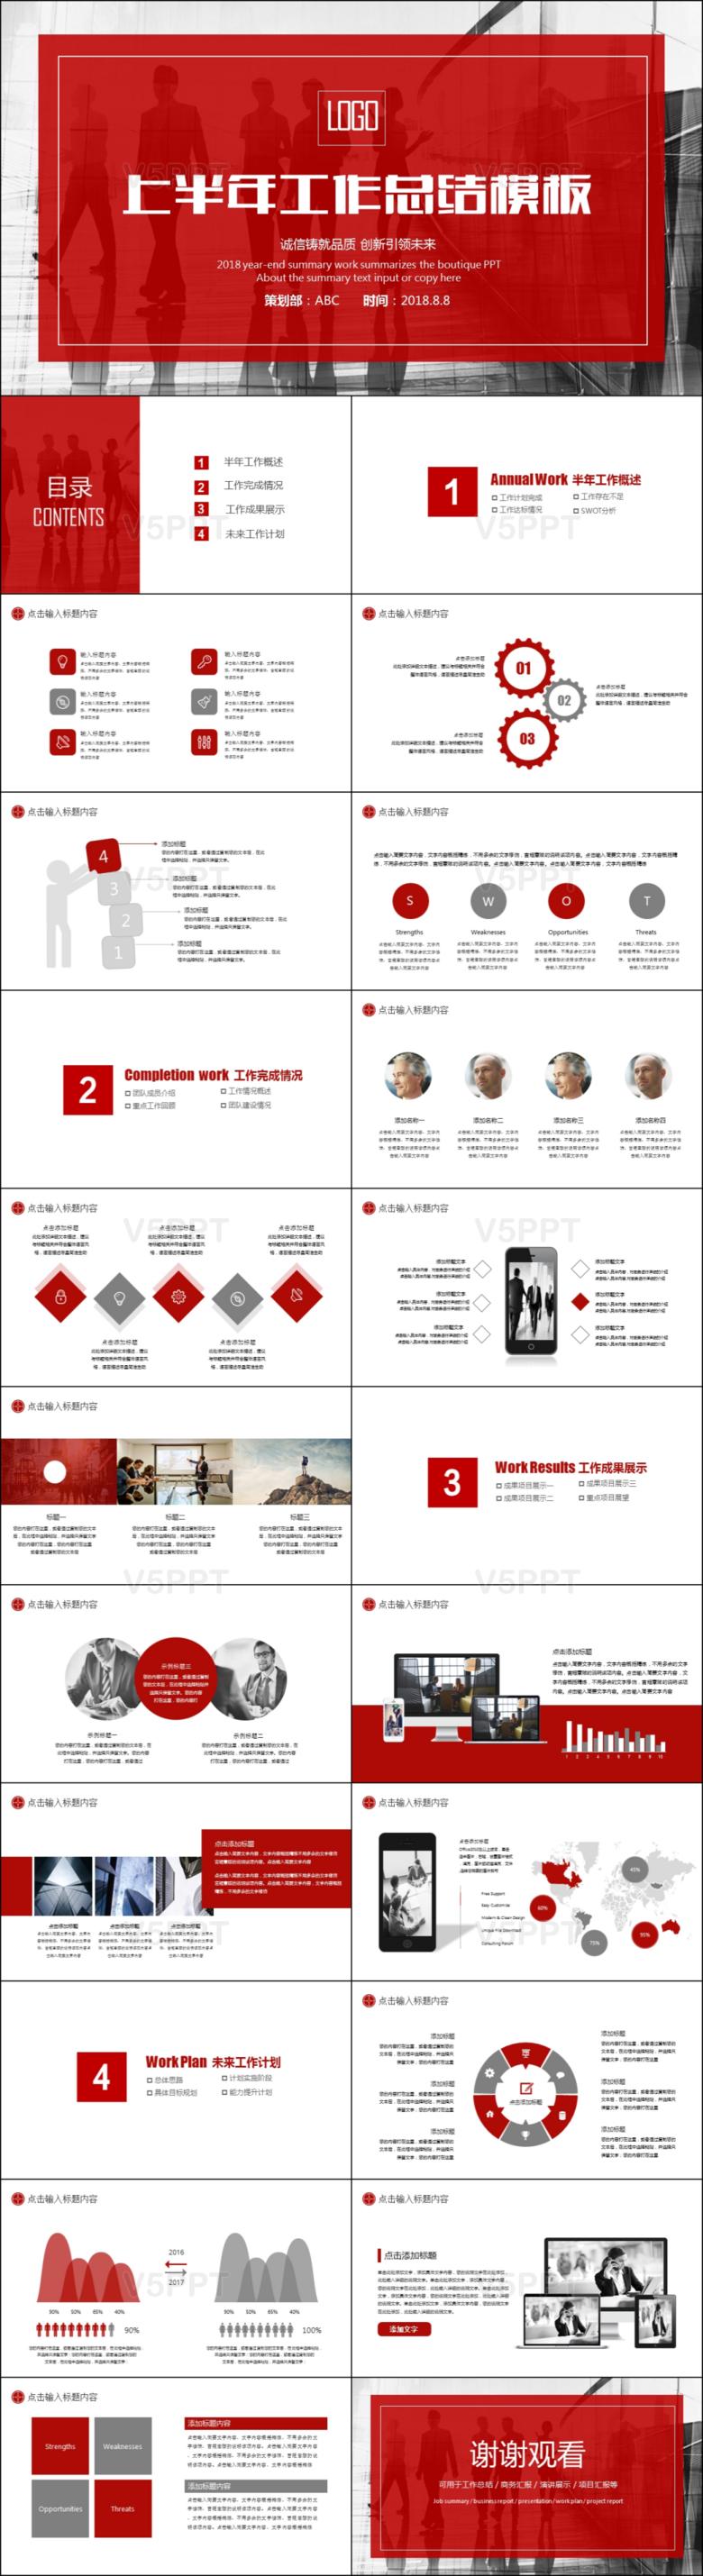 2019年中红色时尚年中上半年工作总结PPT模板